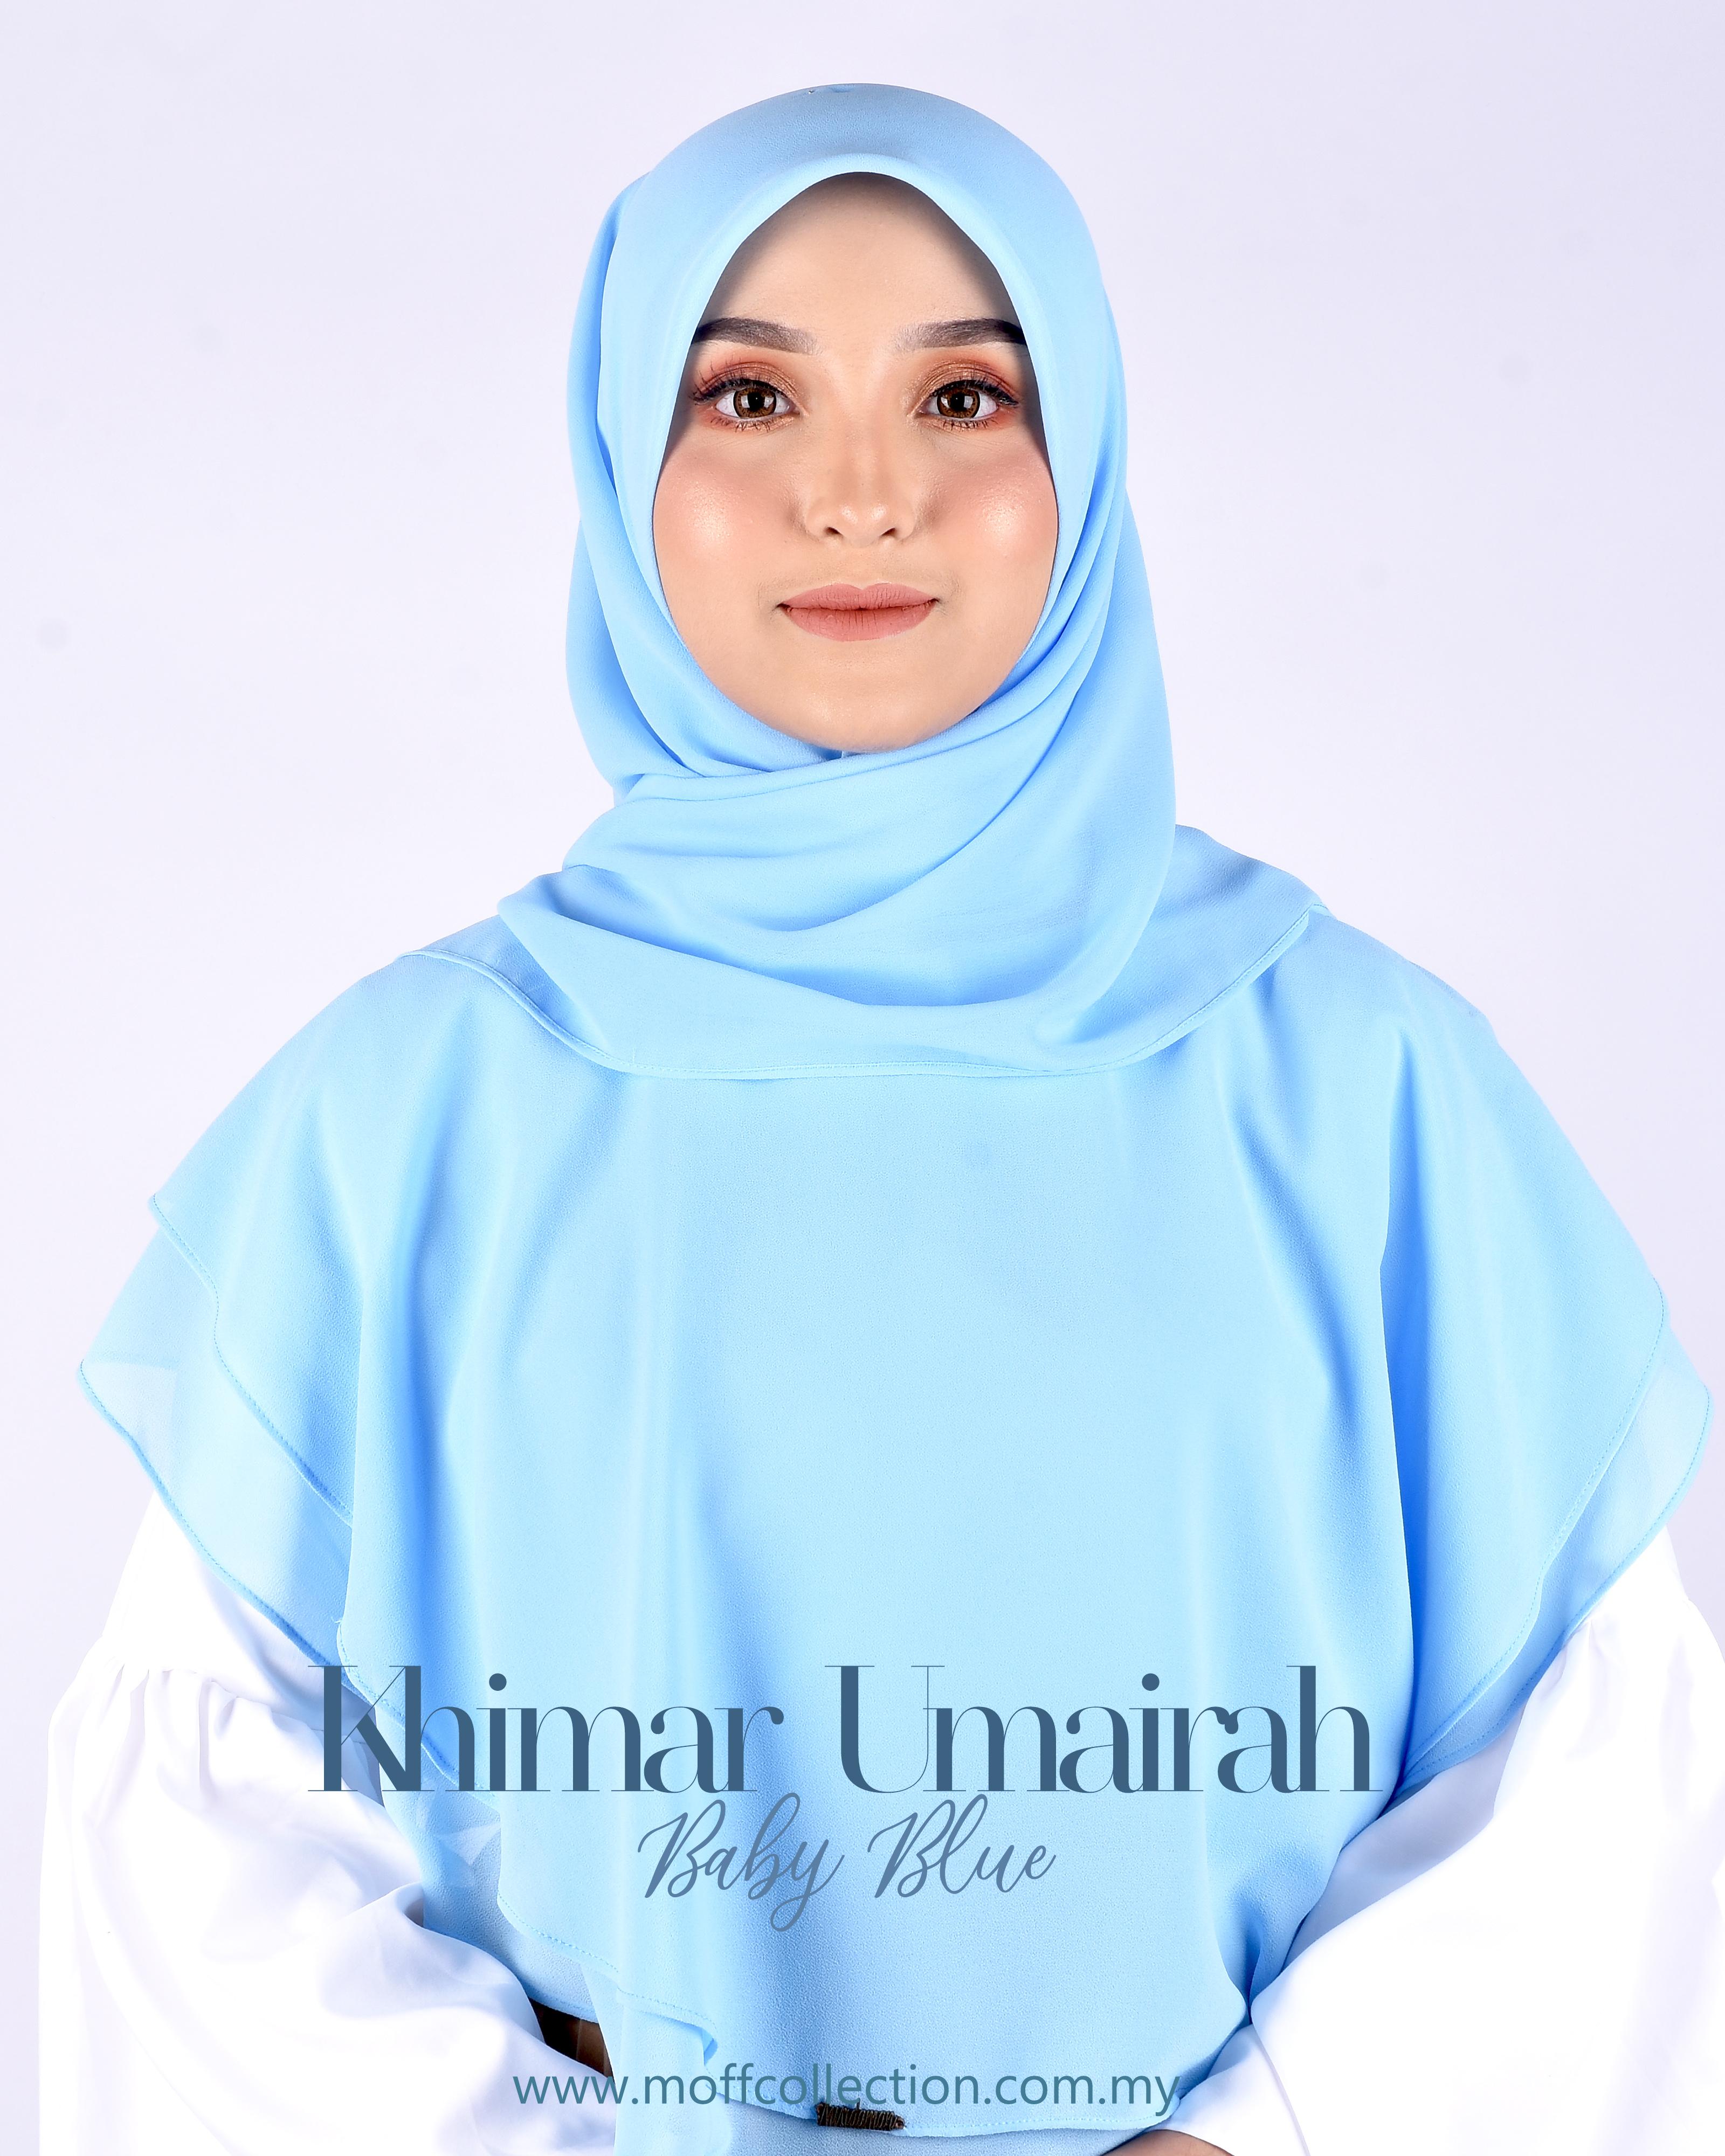 Khimar Umairah In Baby Blue